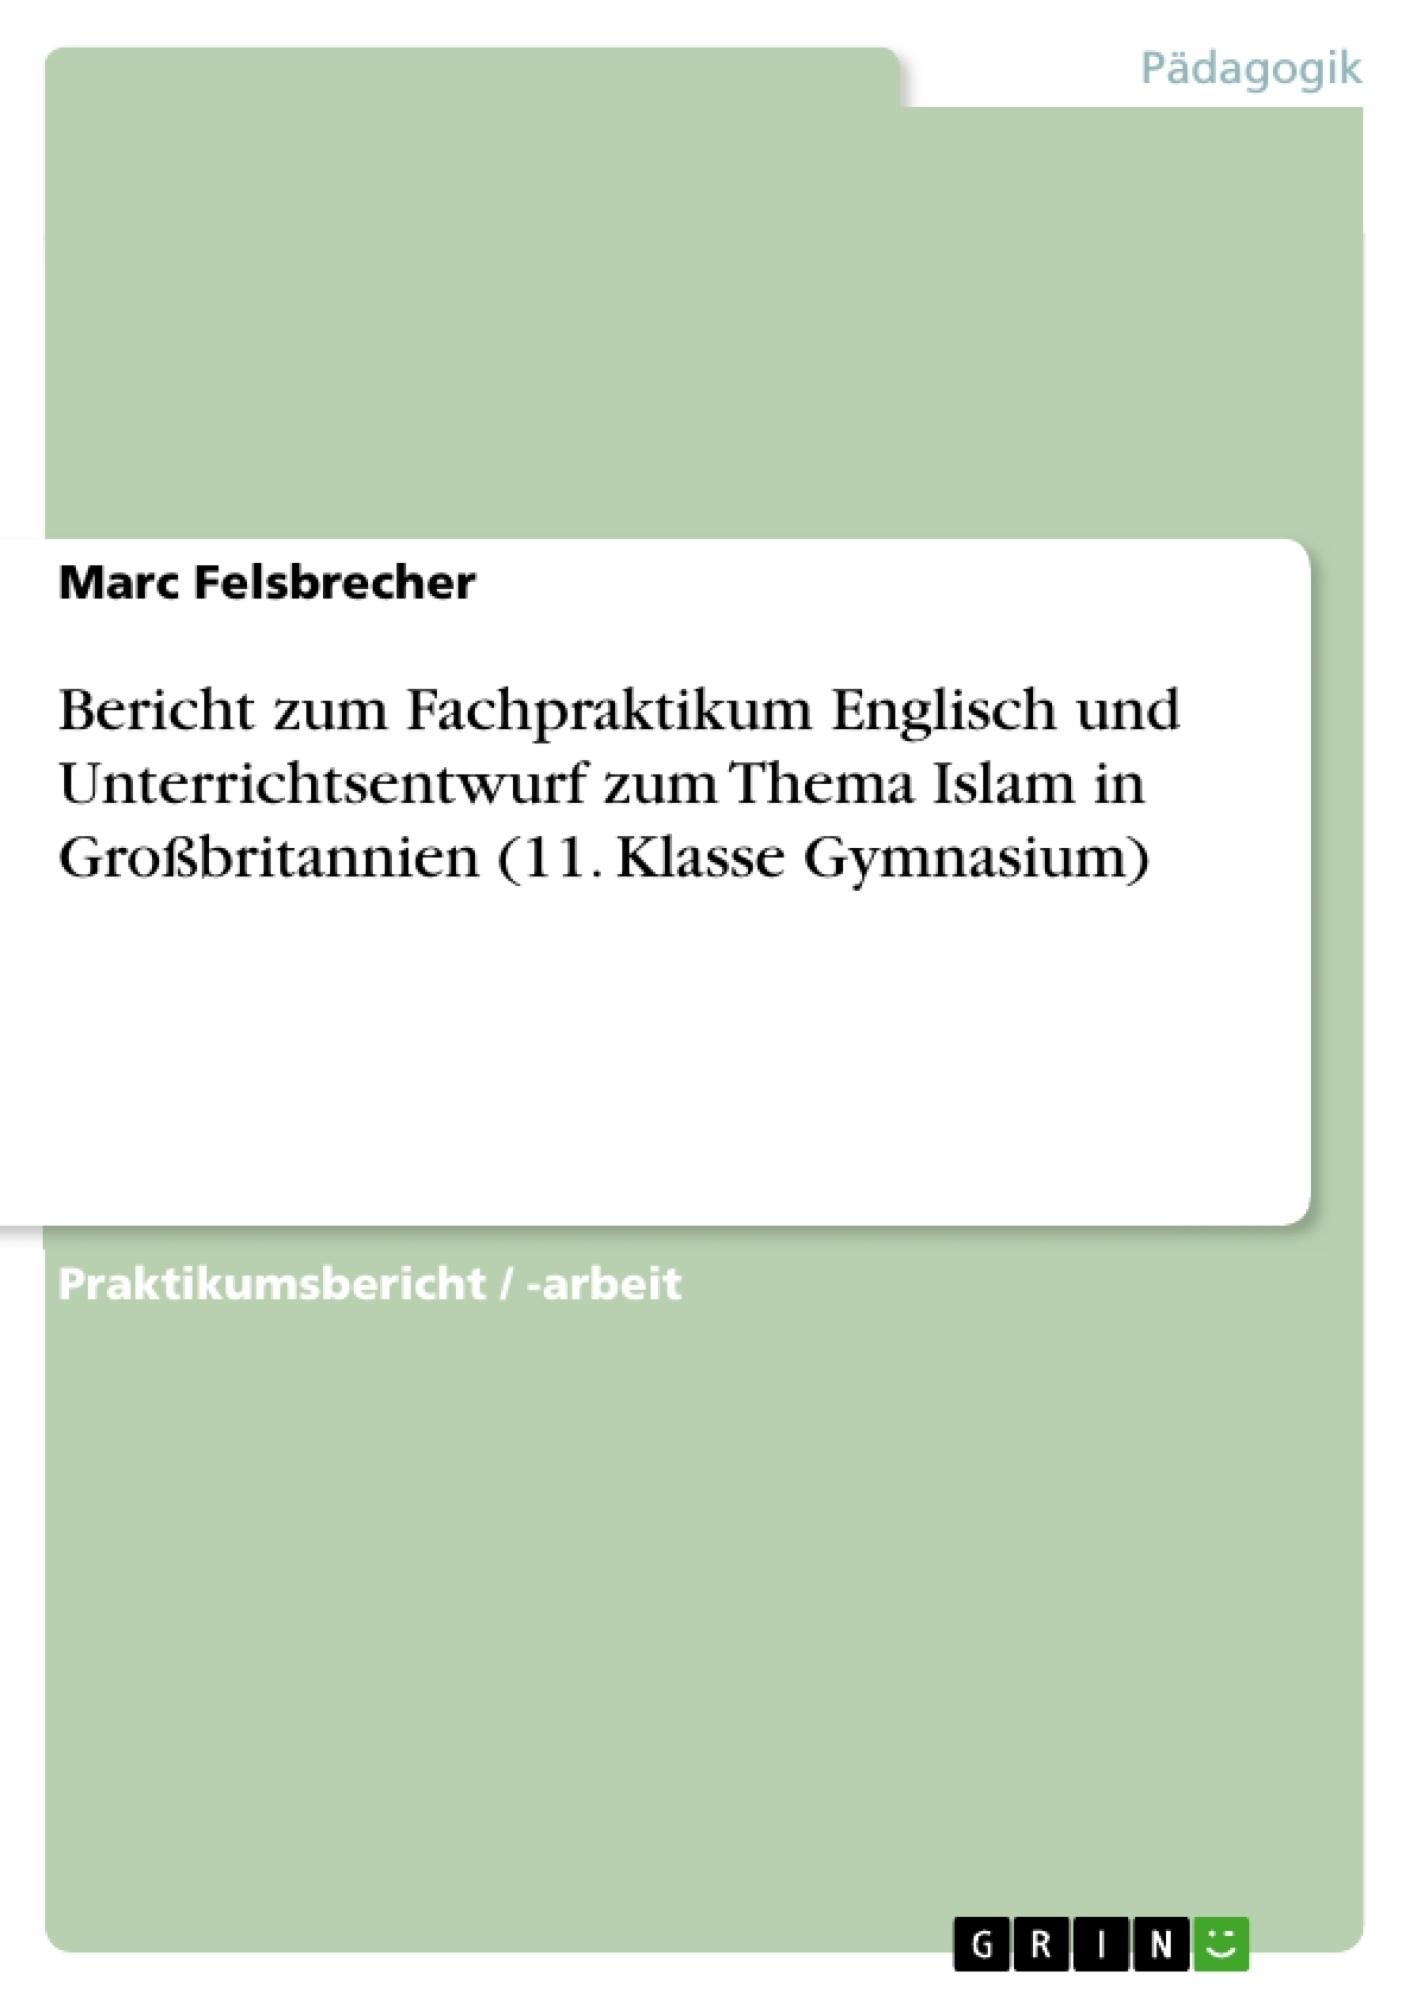 Bericht zum Fachpraktikum Englisch und Unterrichtsentwurf zum ...